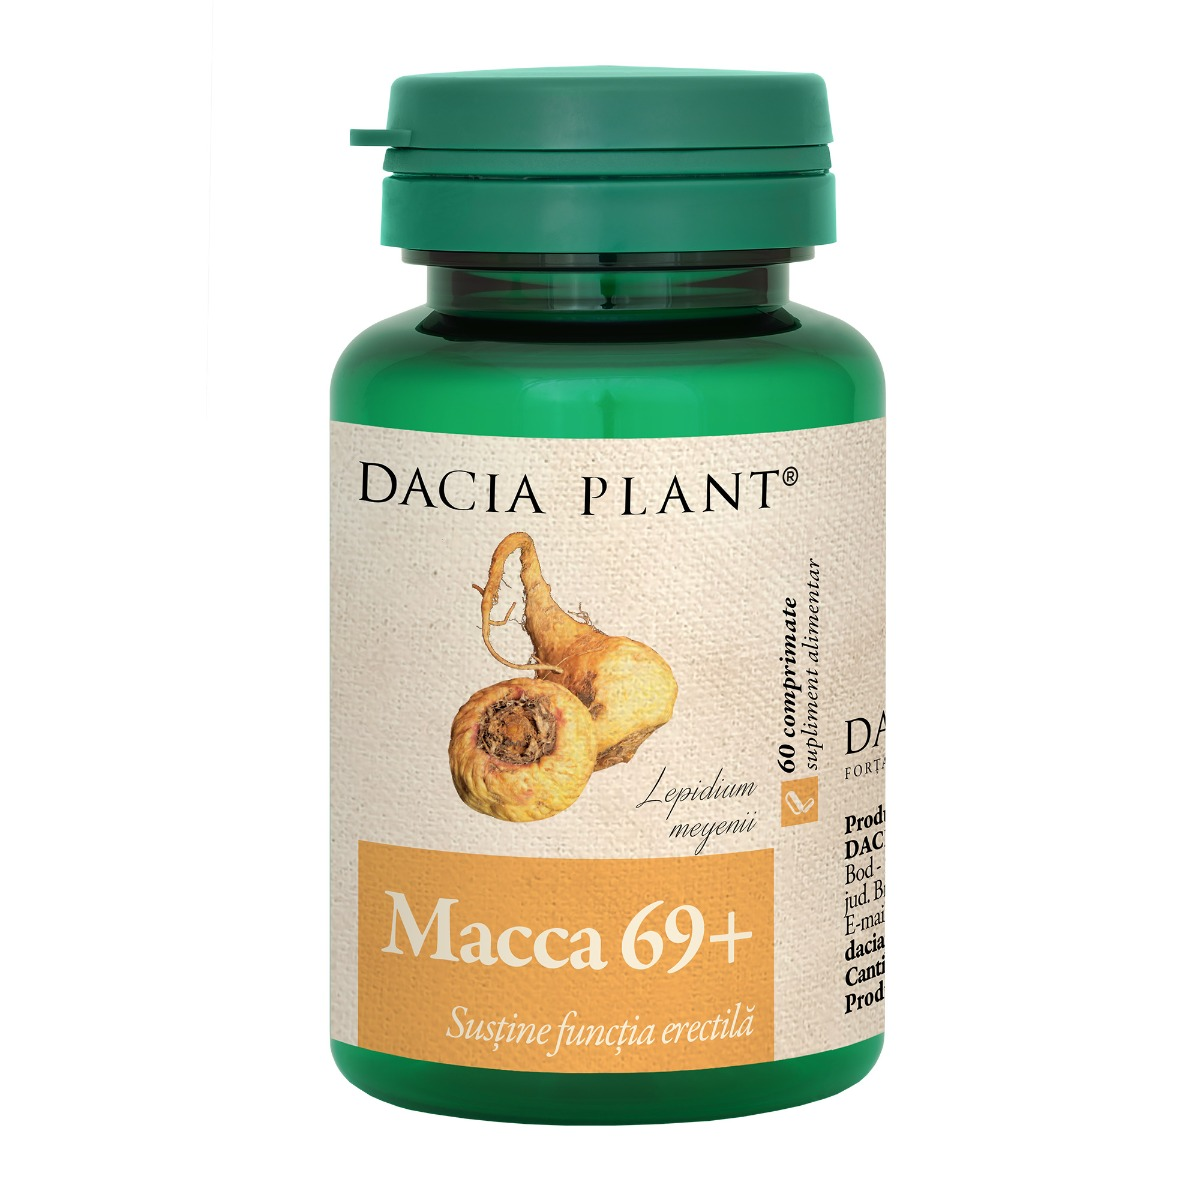 Macca 69+, 60 comprimate, Dacia Plant drmax.ro